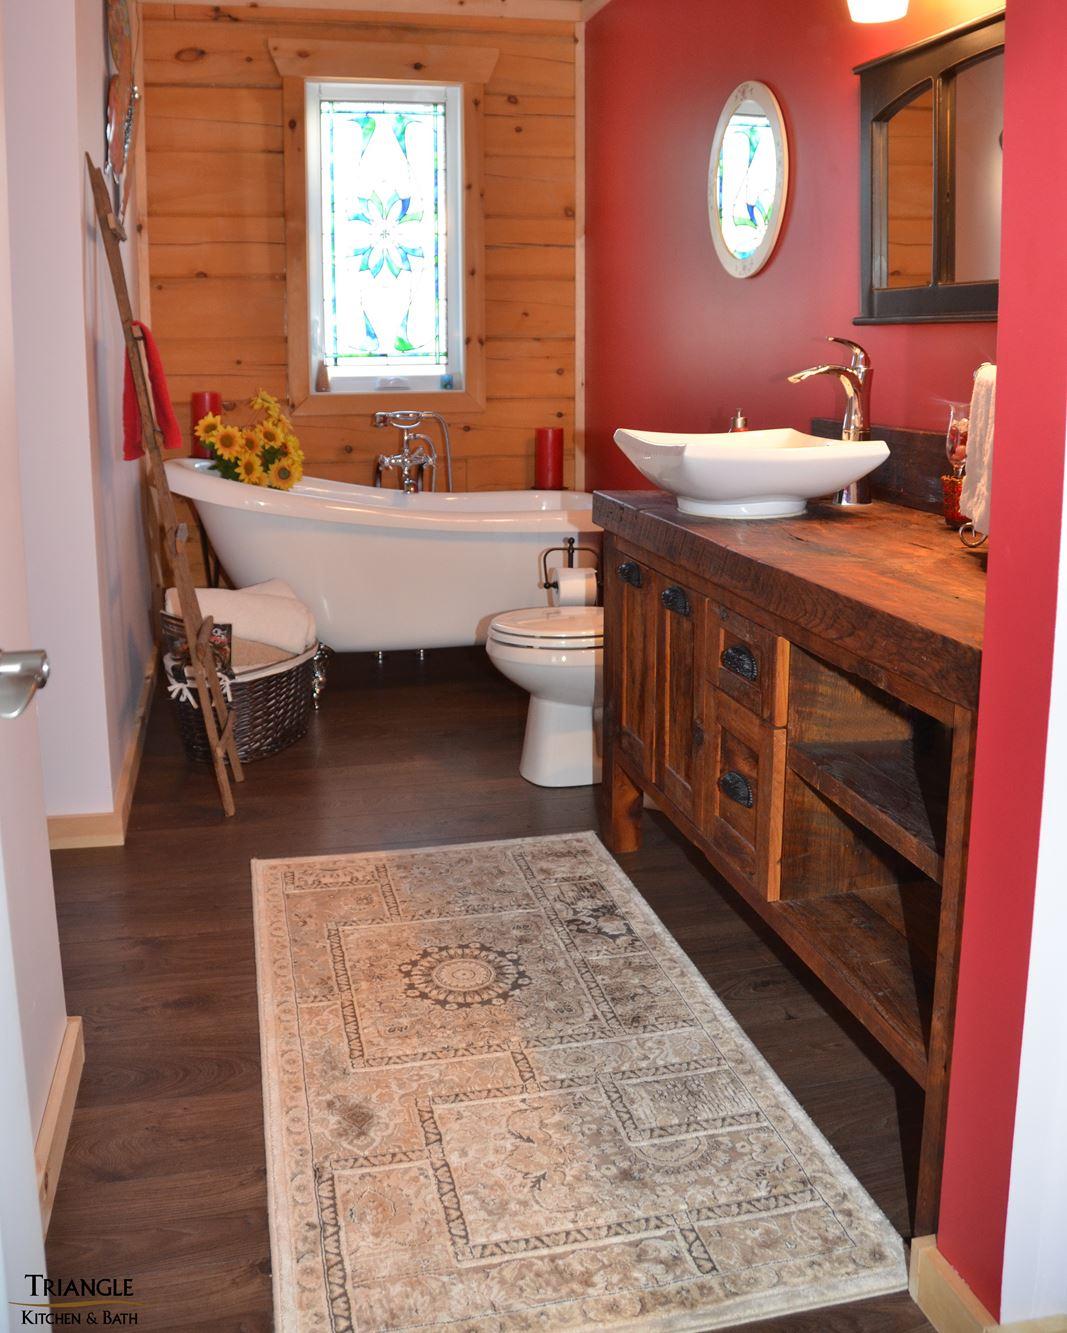 Salle de bain kitch photos de conception de maison for Salle de bain kitch